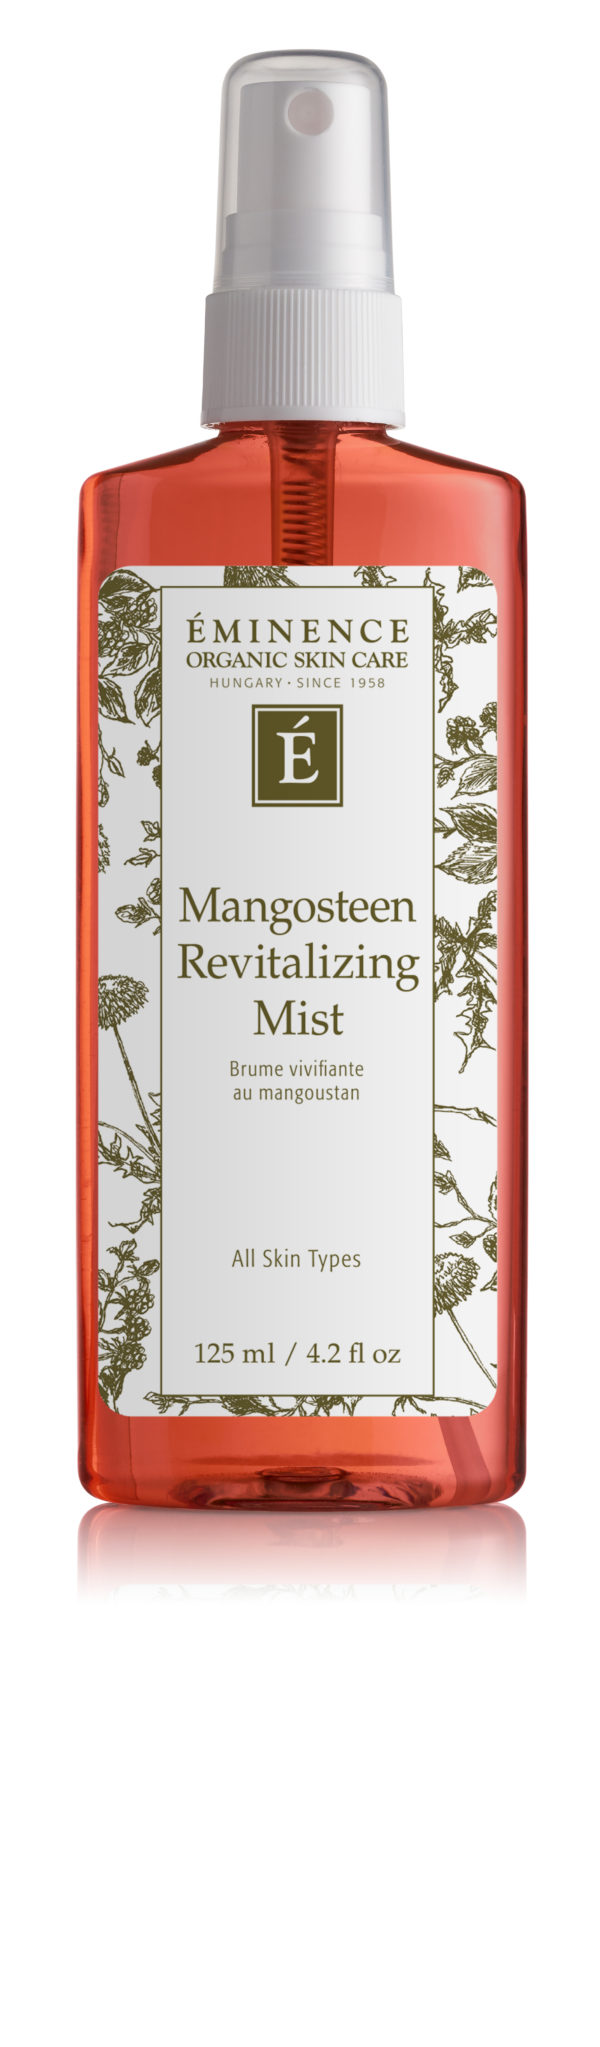 Eminence Mangosteen Revitalizing Mist